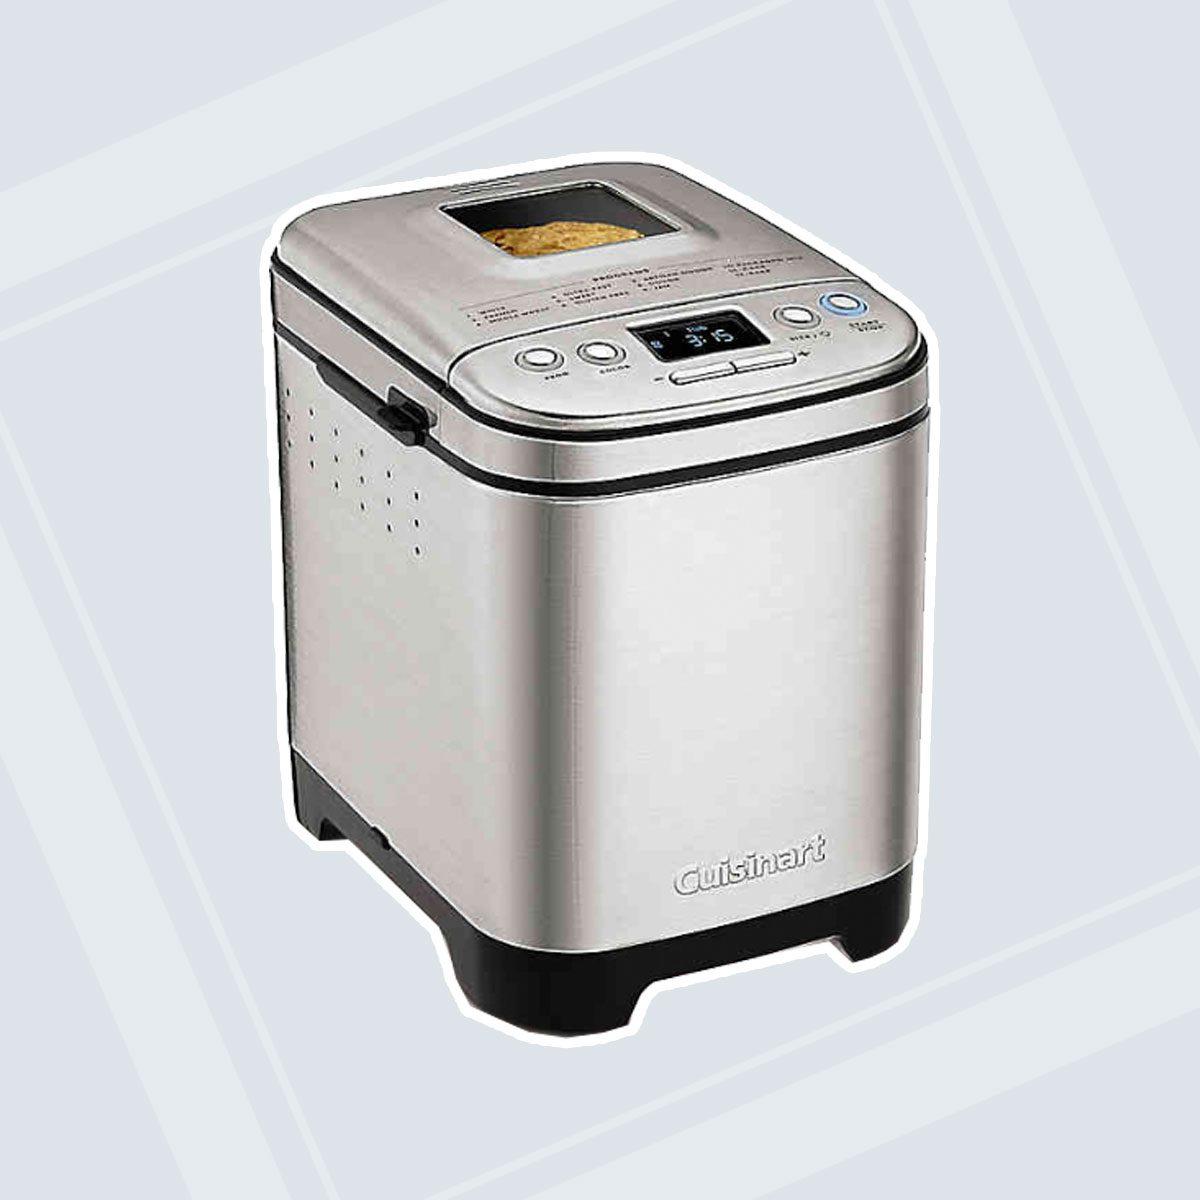 Cuisinart® 2 lb. Stainless Steel Breadmaker